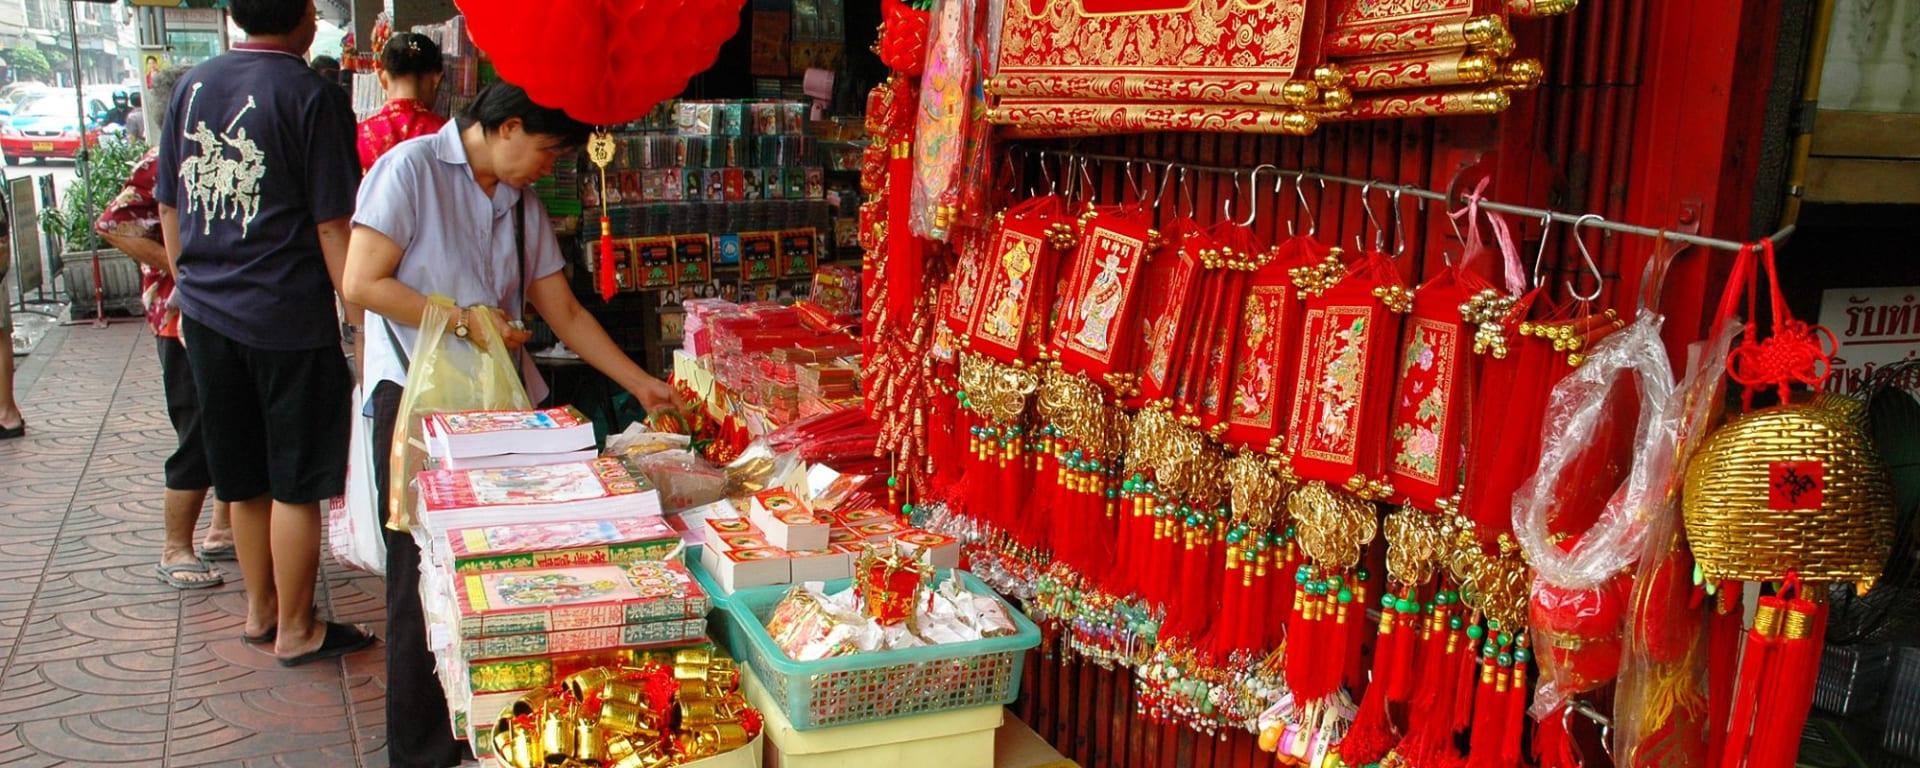 Bangkok abseits der üblichen Wege mit Bootsfahrt: Bangkok Chinatown